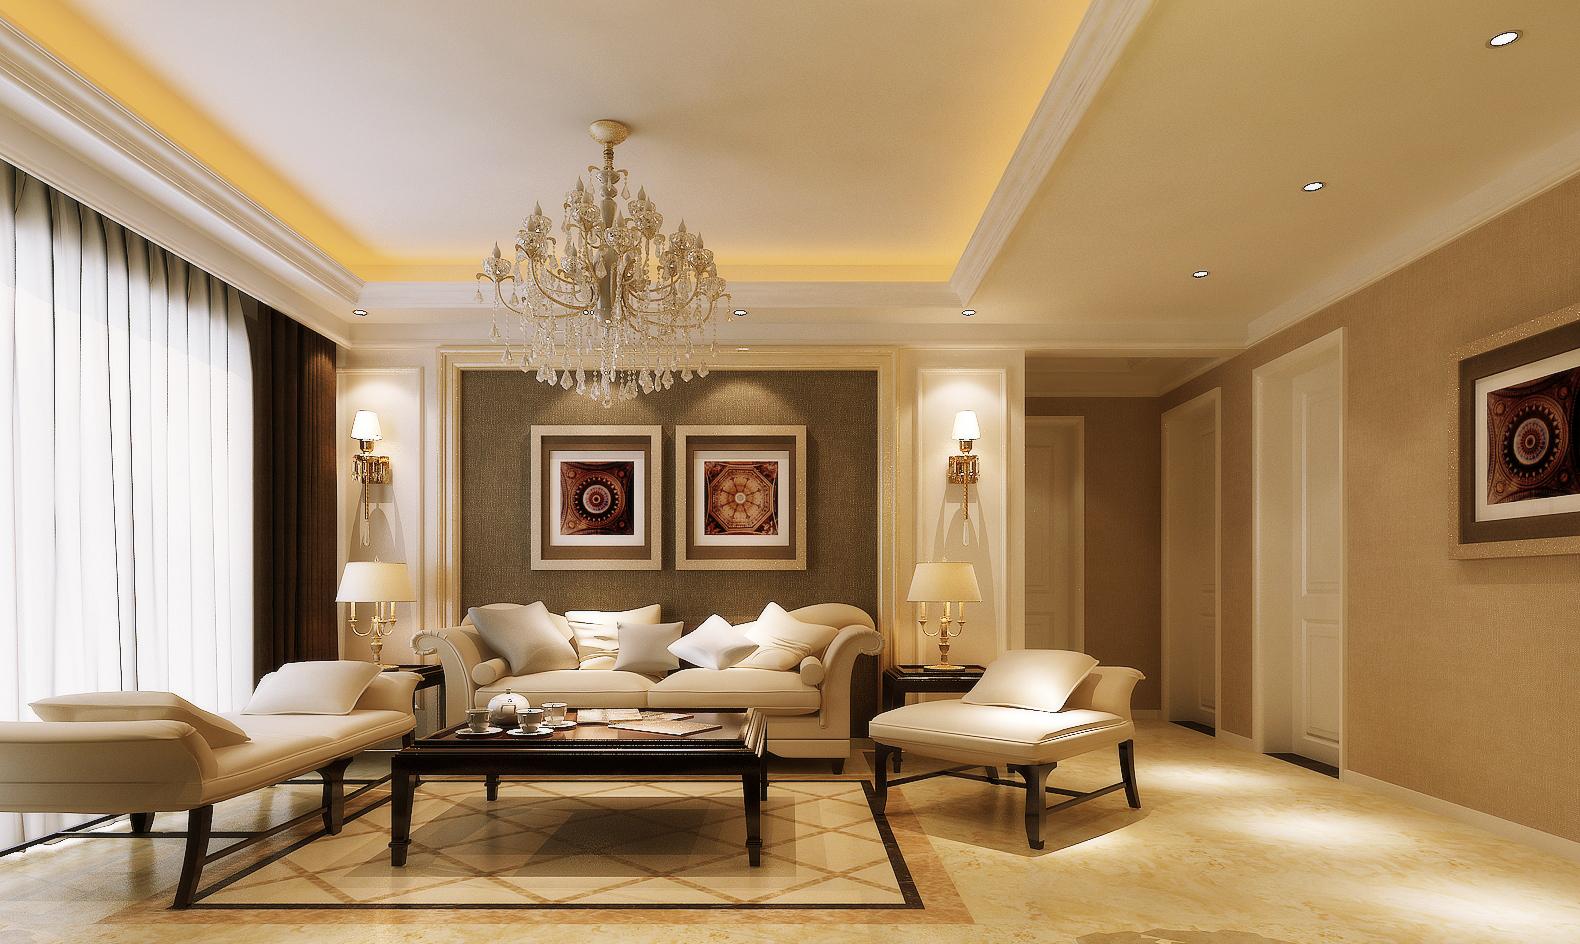 客厅图片来自文金春在锦艺国际华都三居室简约风格的分享